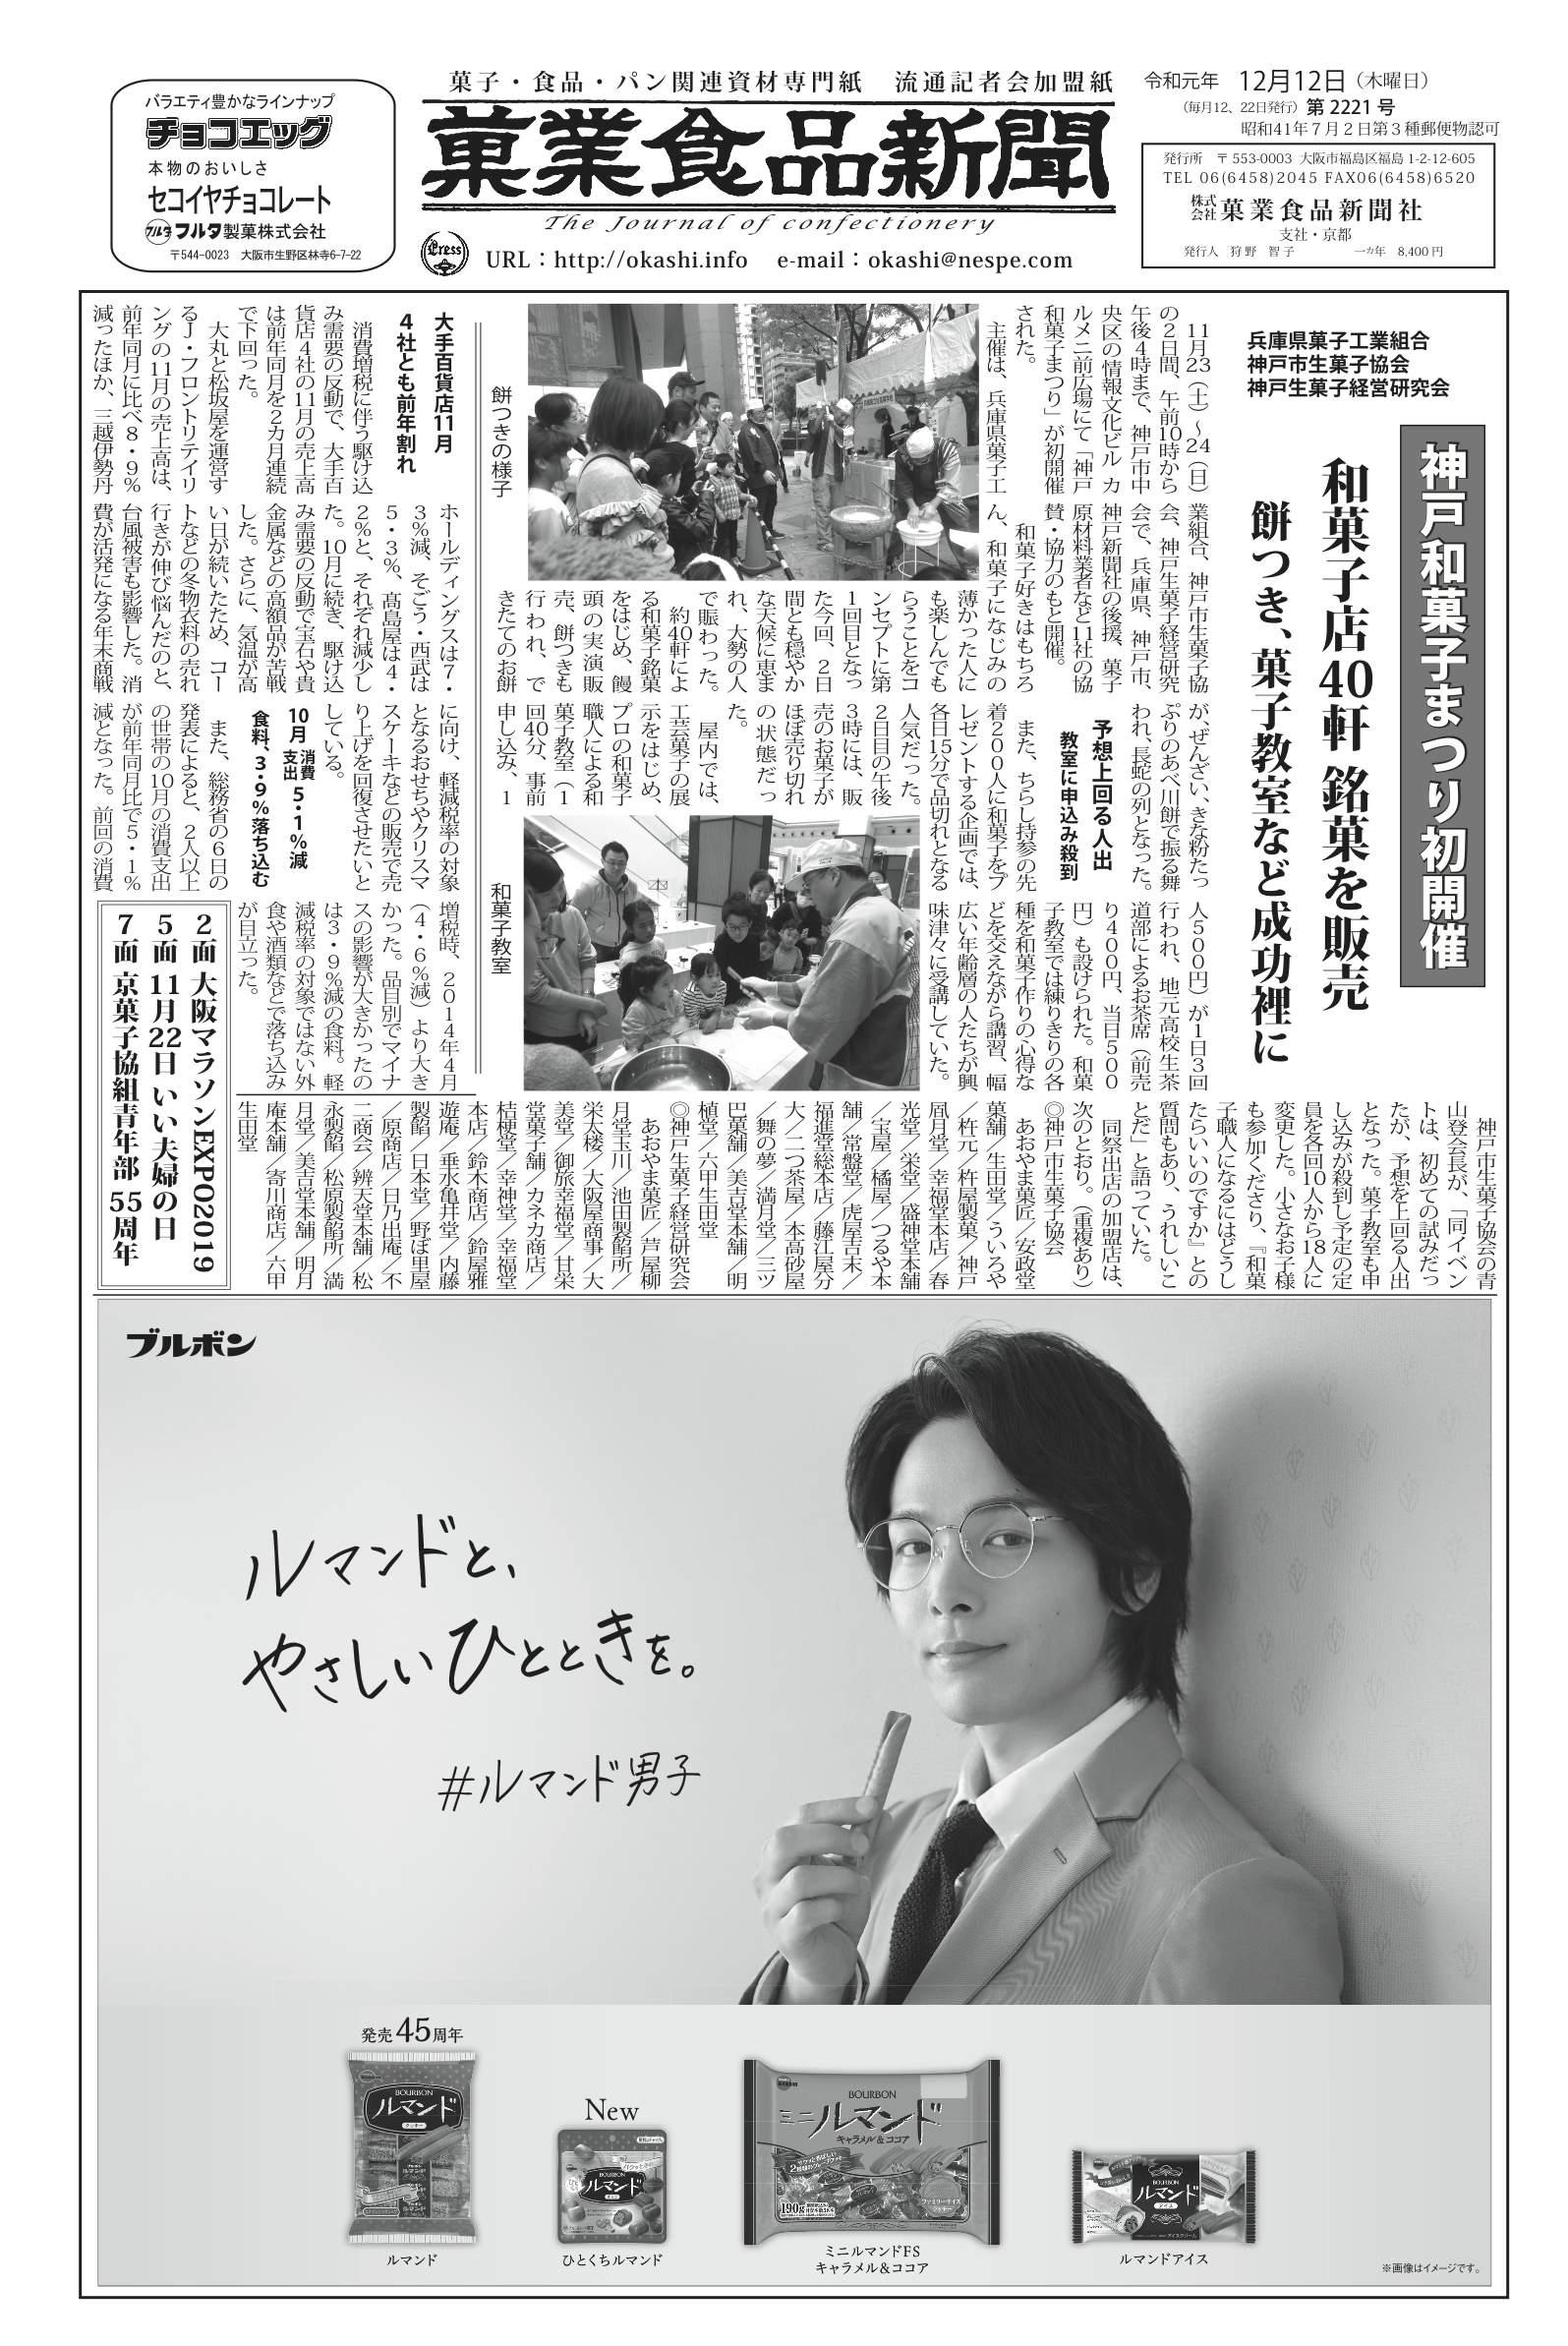 フレンド マート 豊中 熊野 店